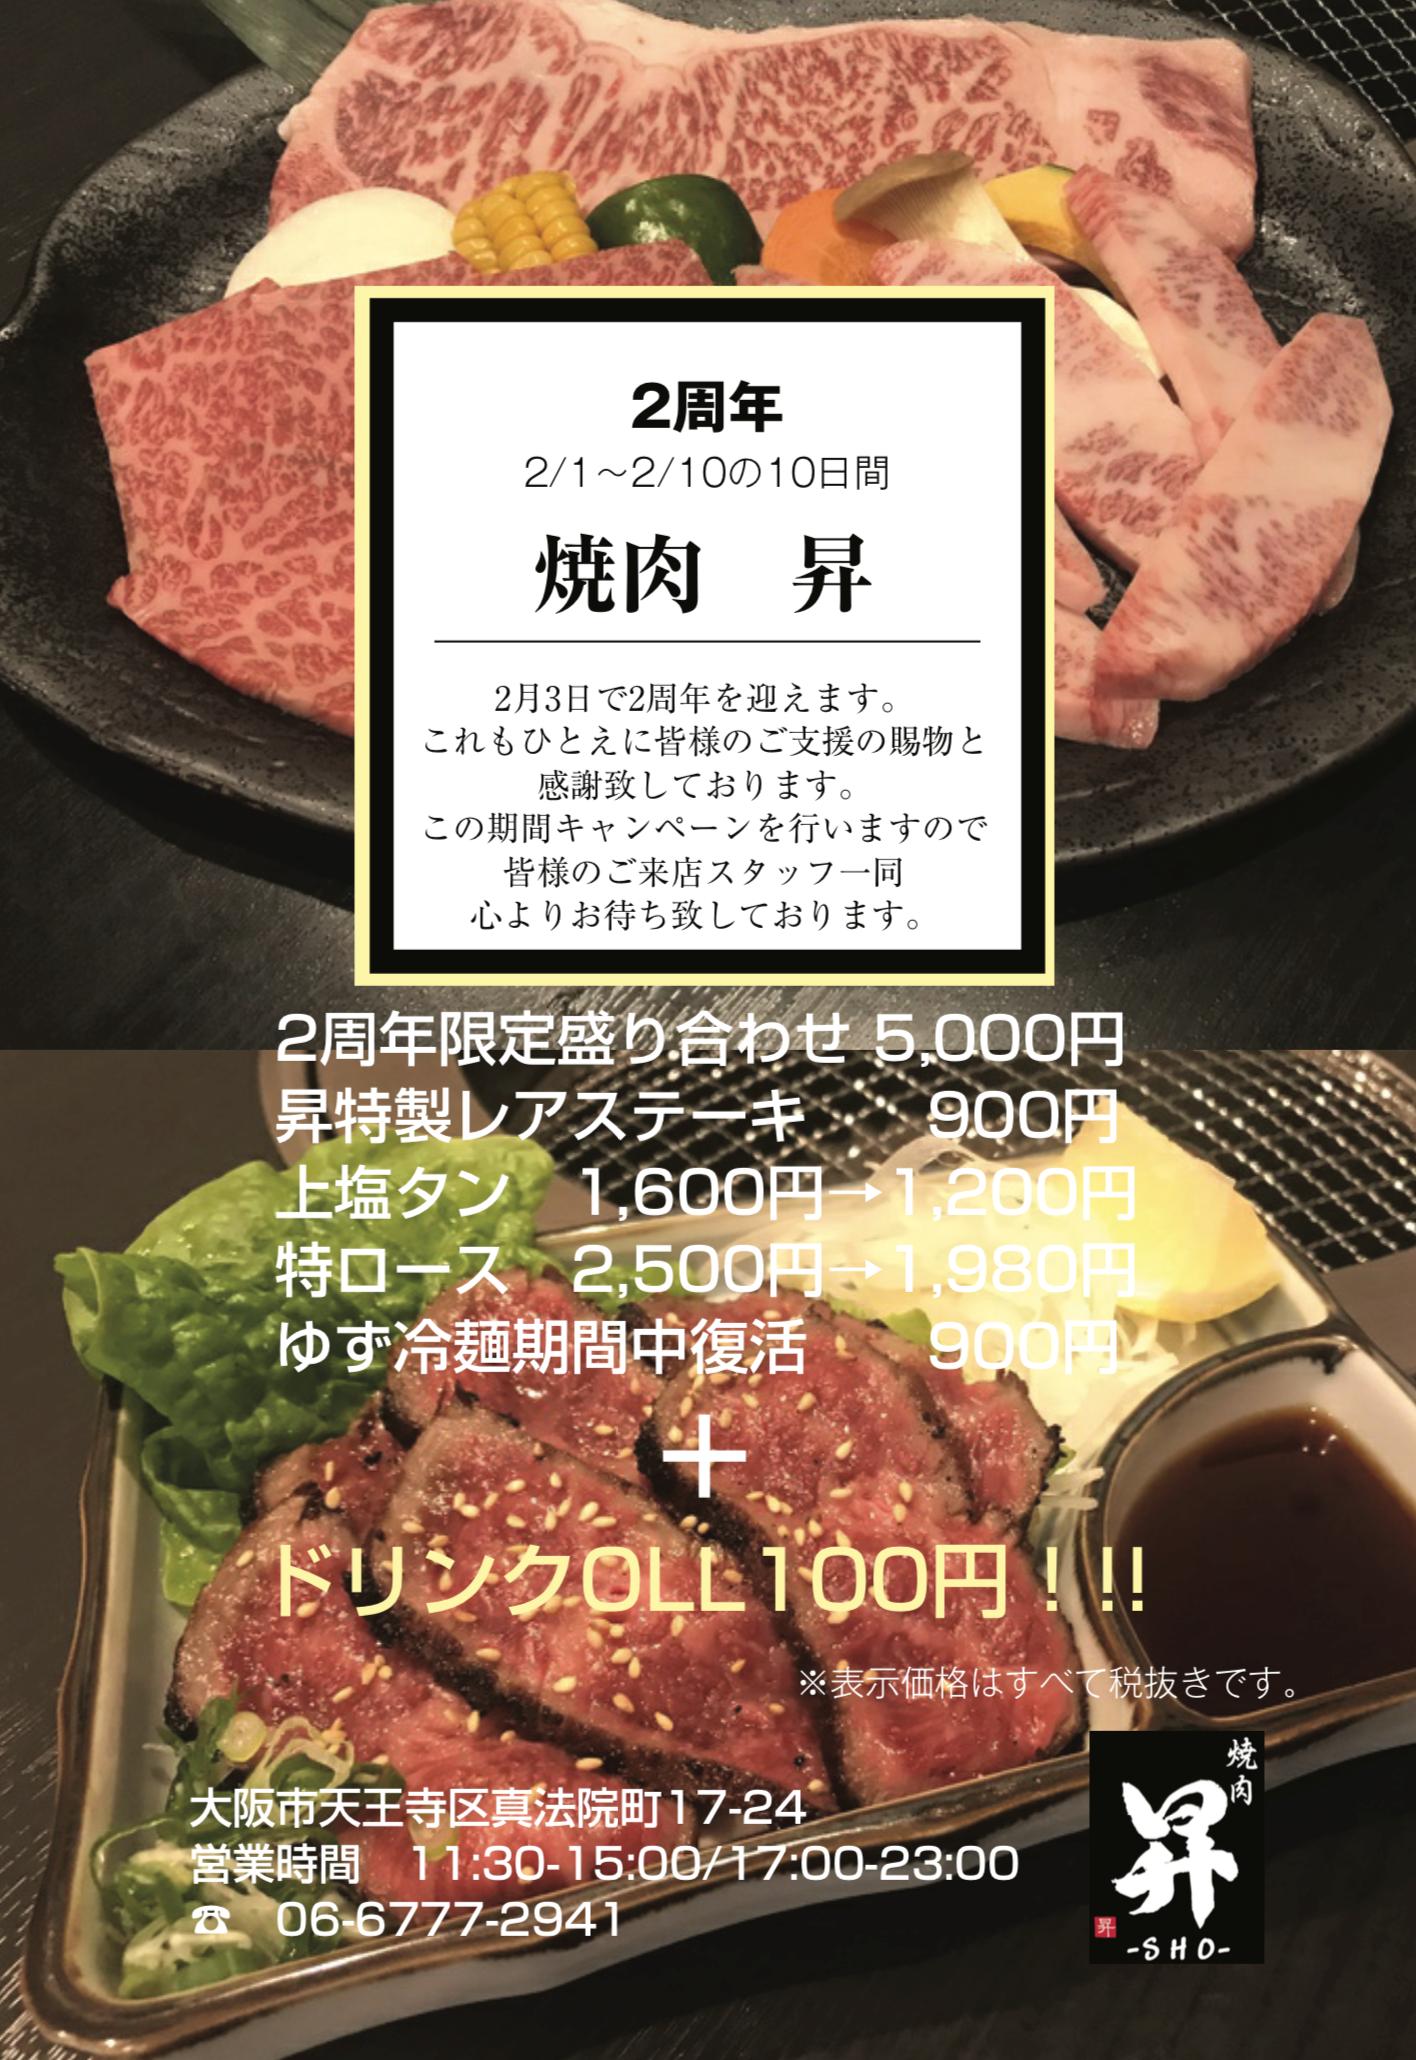 焼肉「昇」2周年!!